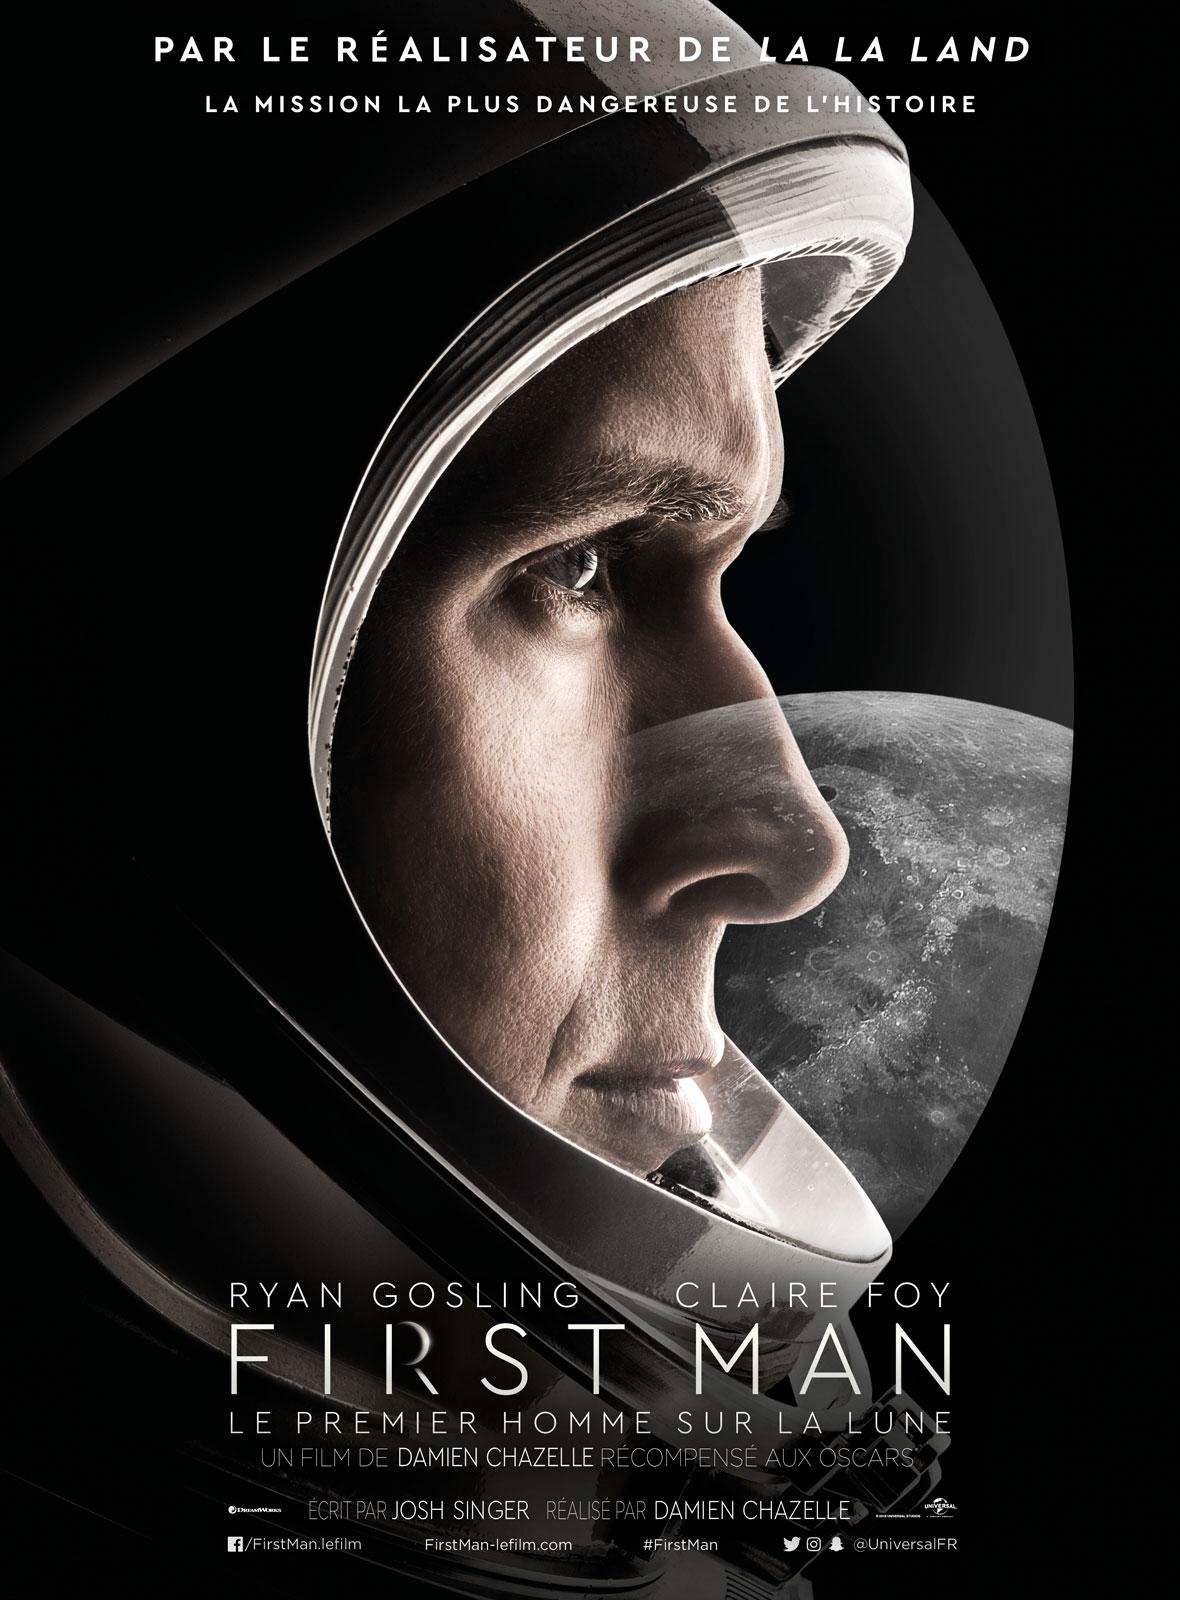 affiche First Man - le premier homme sur la Lune